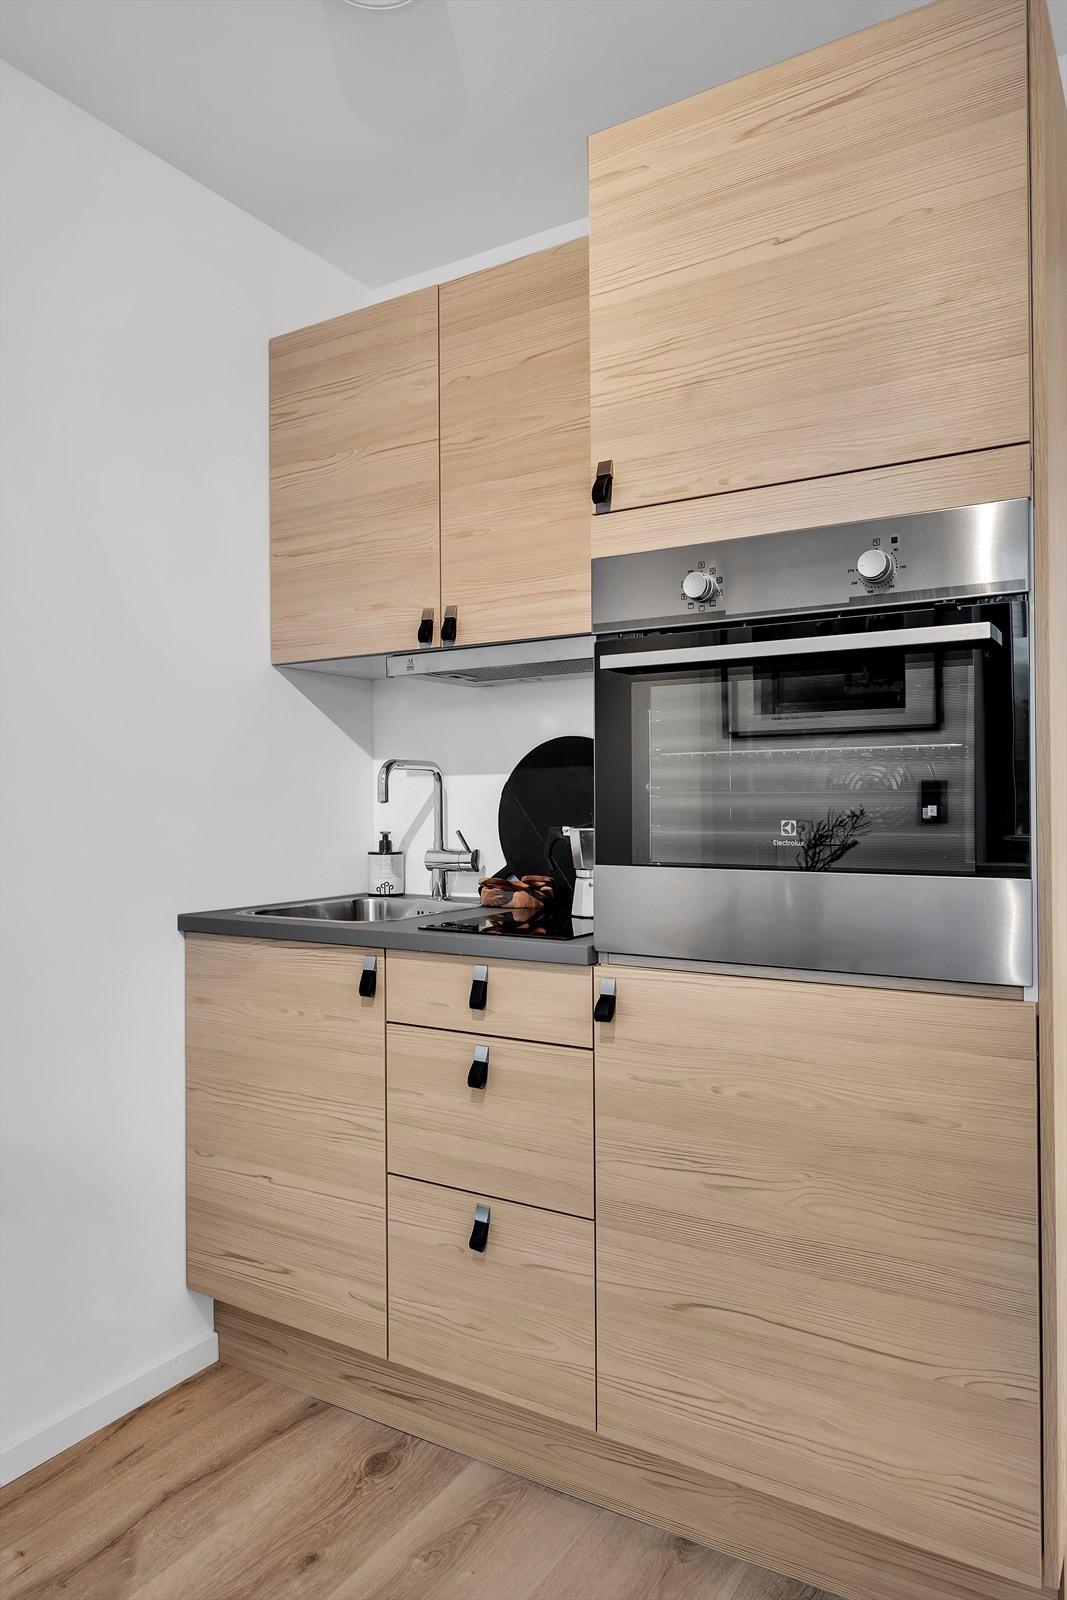 Oppgradert hybelkjøkken med integrerte hvitevarer.